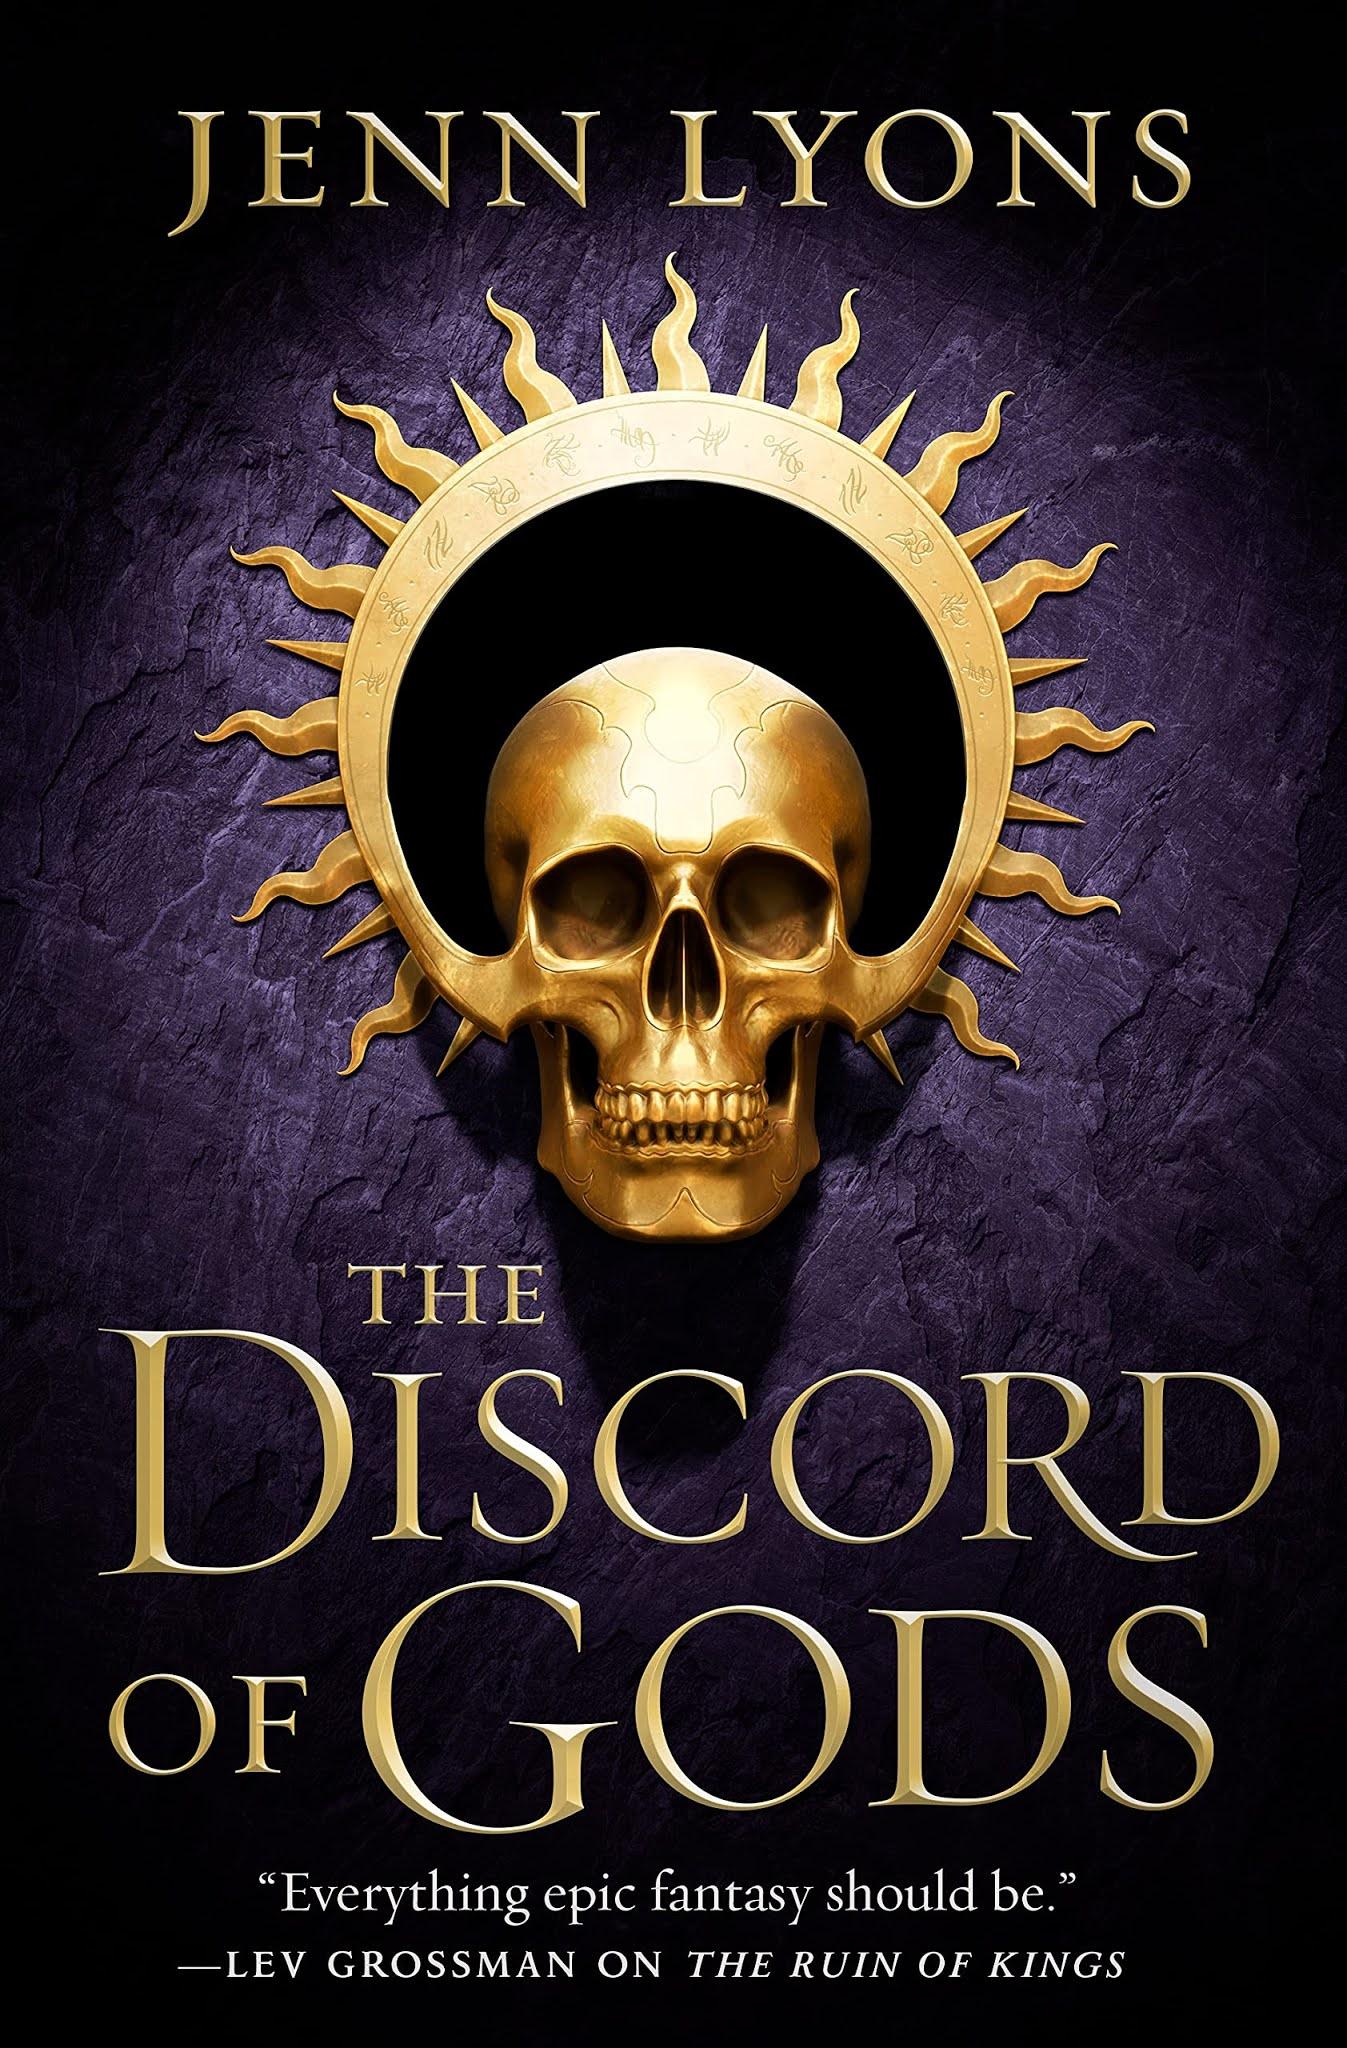 The Discord of Gods by Jenn Lyons